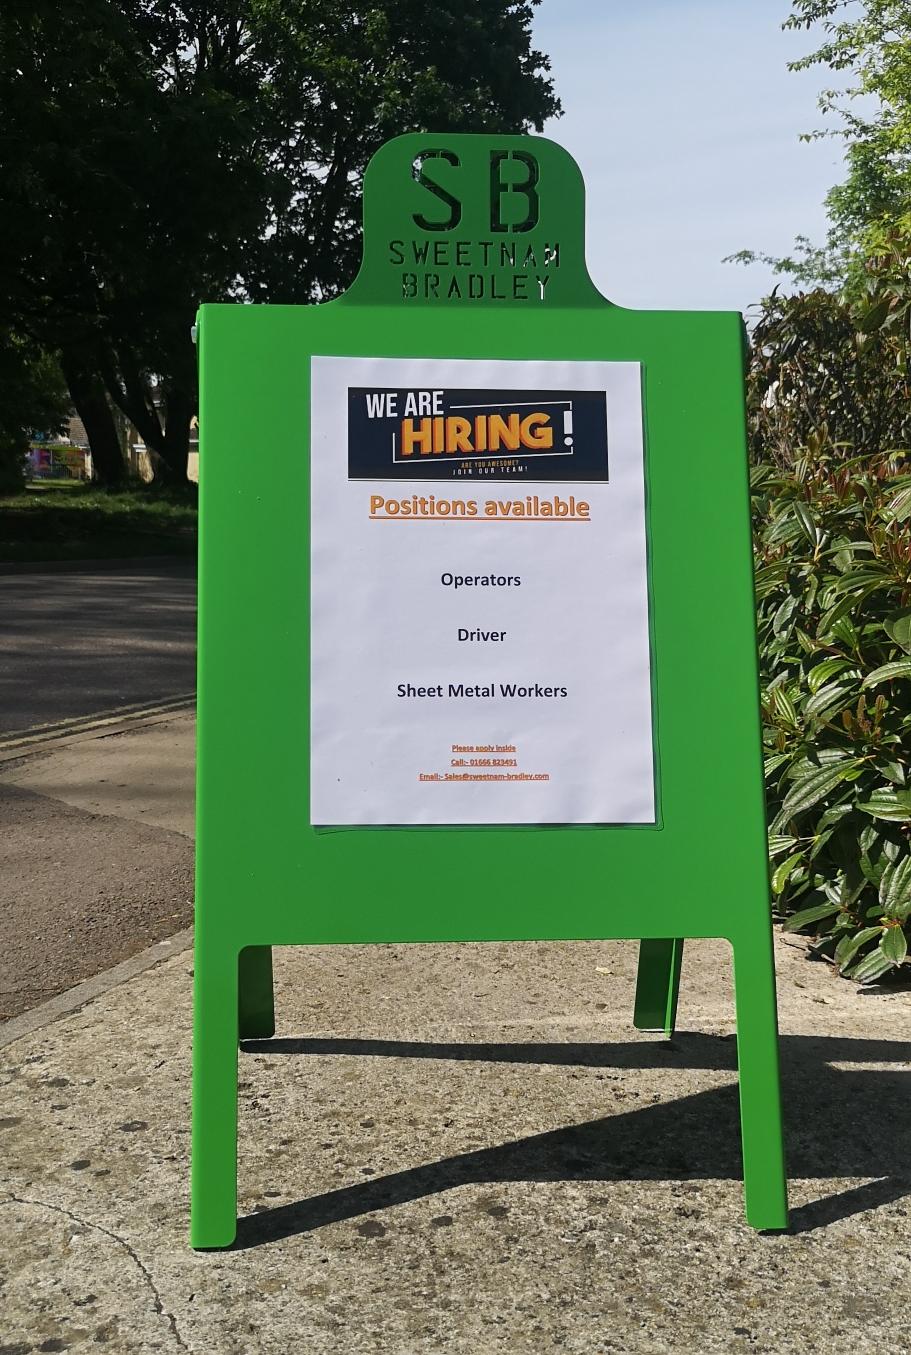 sweetnam & bradley are hiring